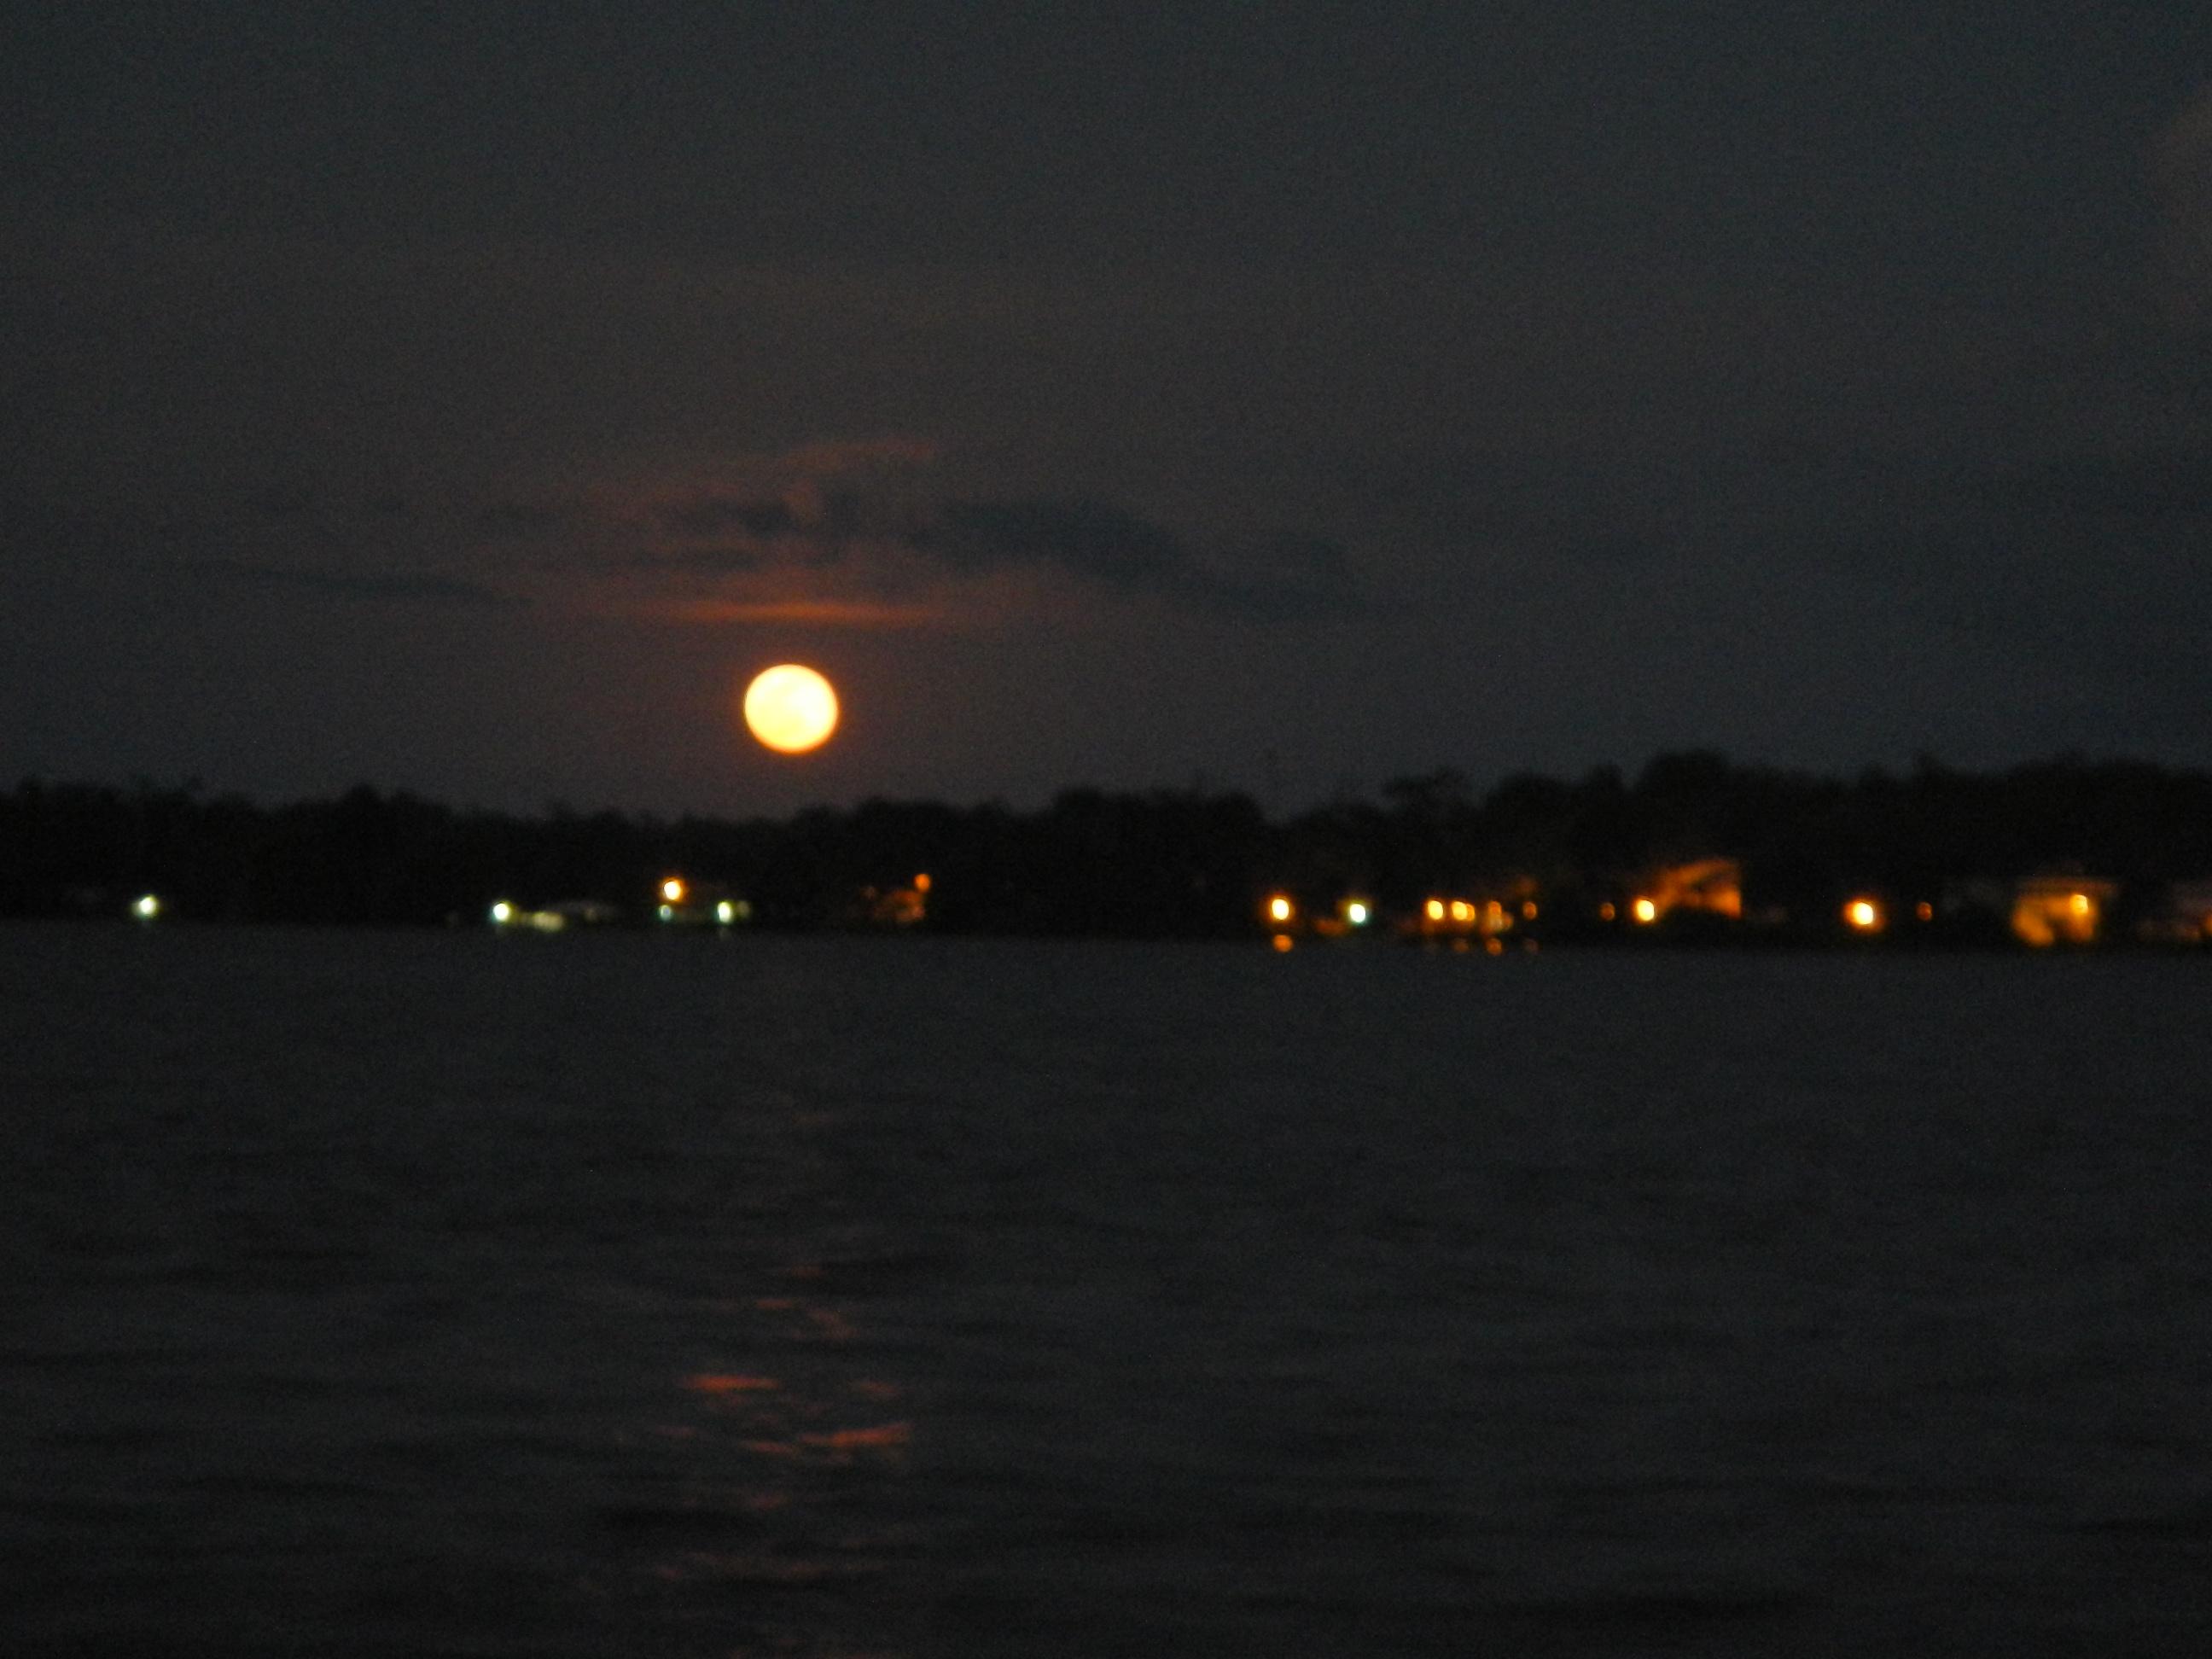 Das ist der Mond, nicht die Sonne!